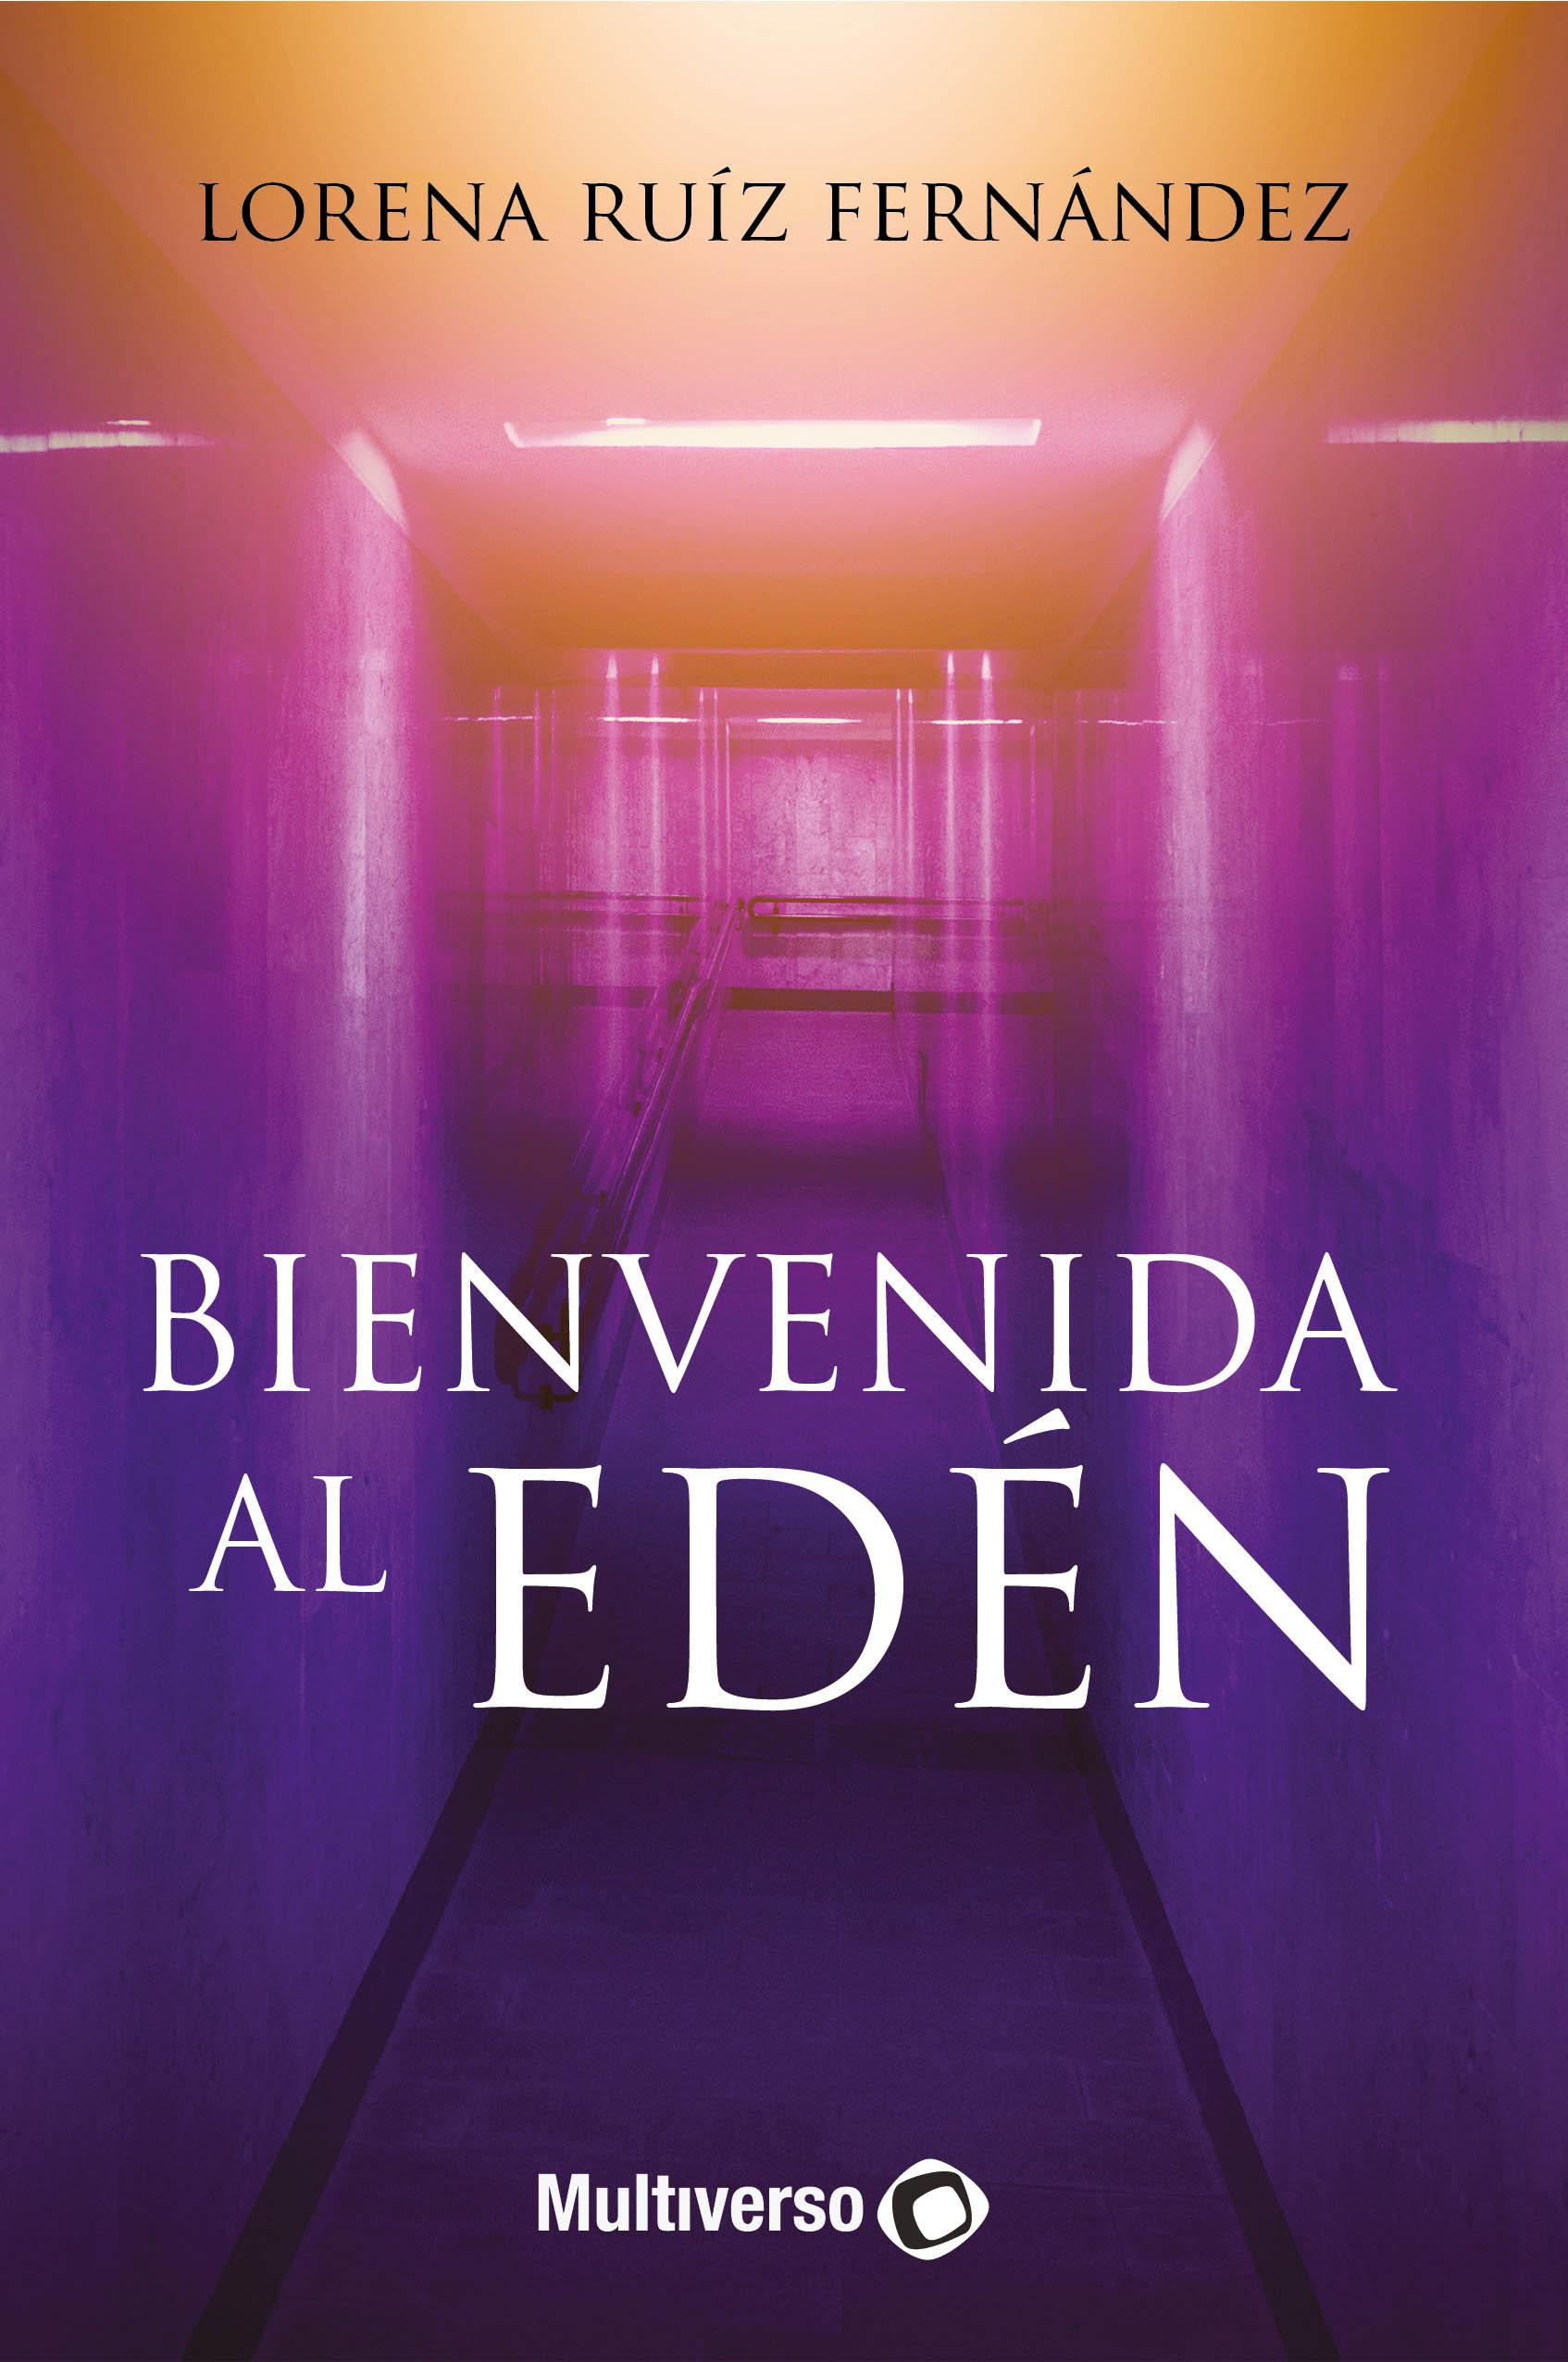 Bienvenida al Edén